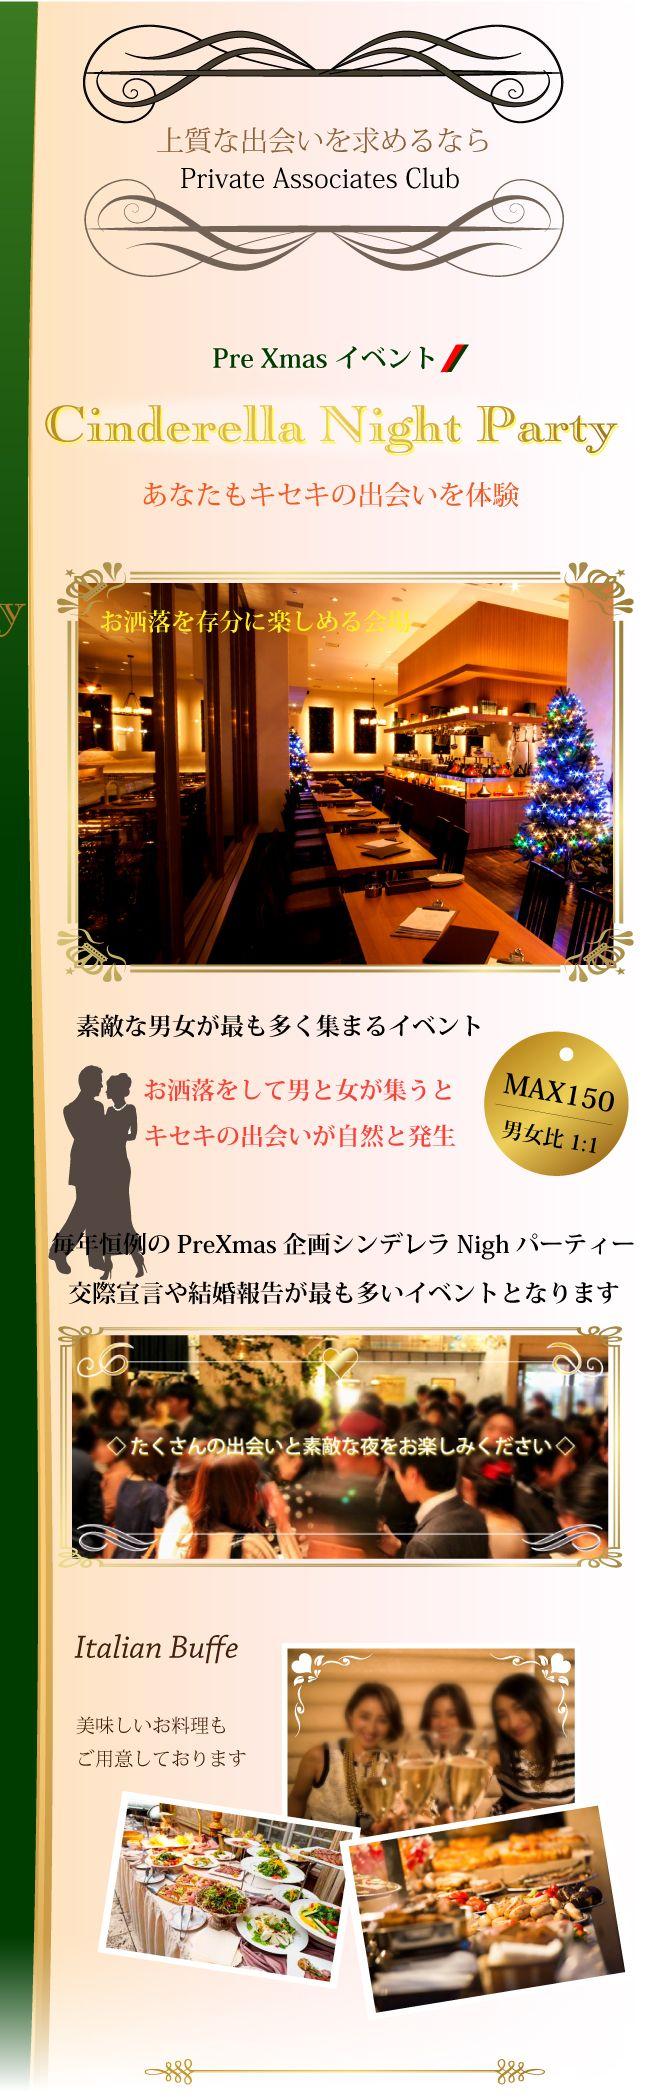 男女の出会いイベント シンデレラNightパーティー@札幌 あなたもキセキの出会いを体験